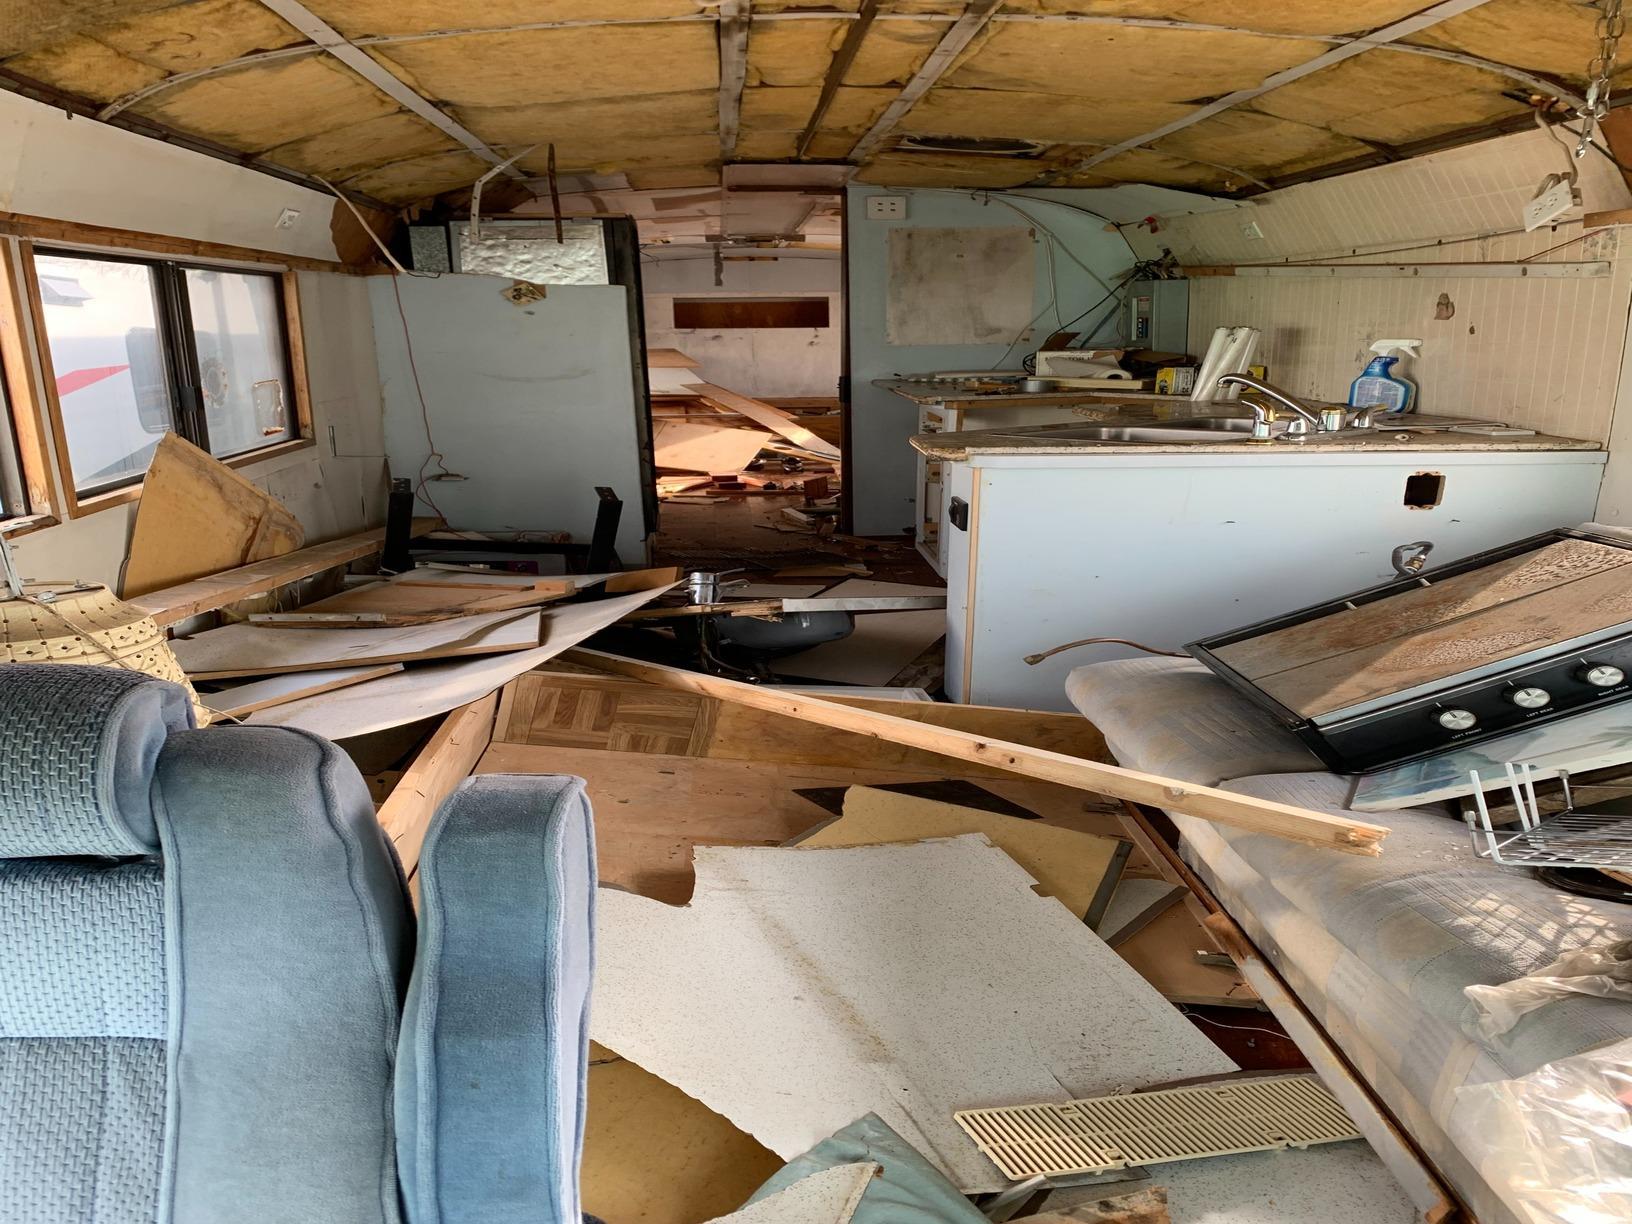 Mobile Home Reno in Rancho Bernardo, CA - Before Photo